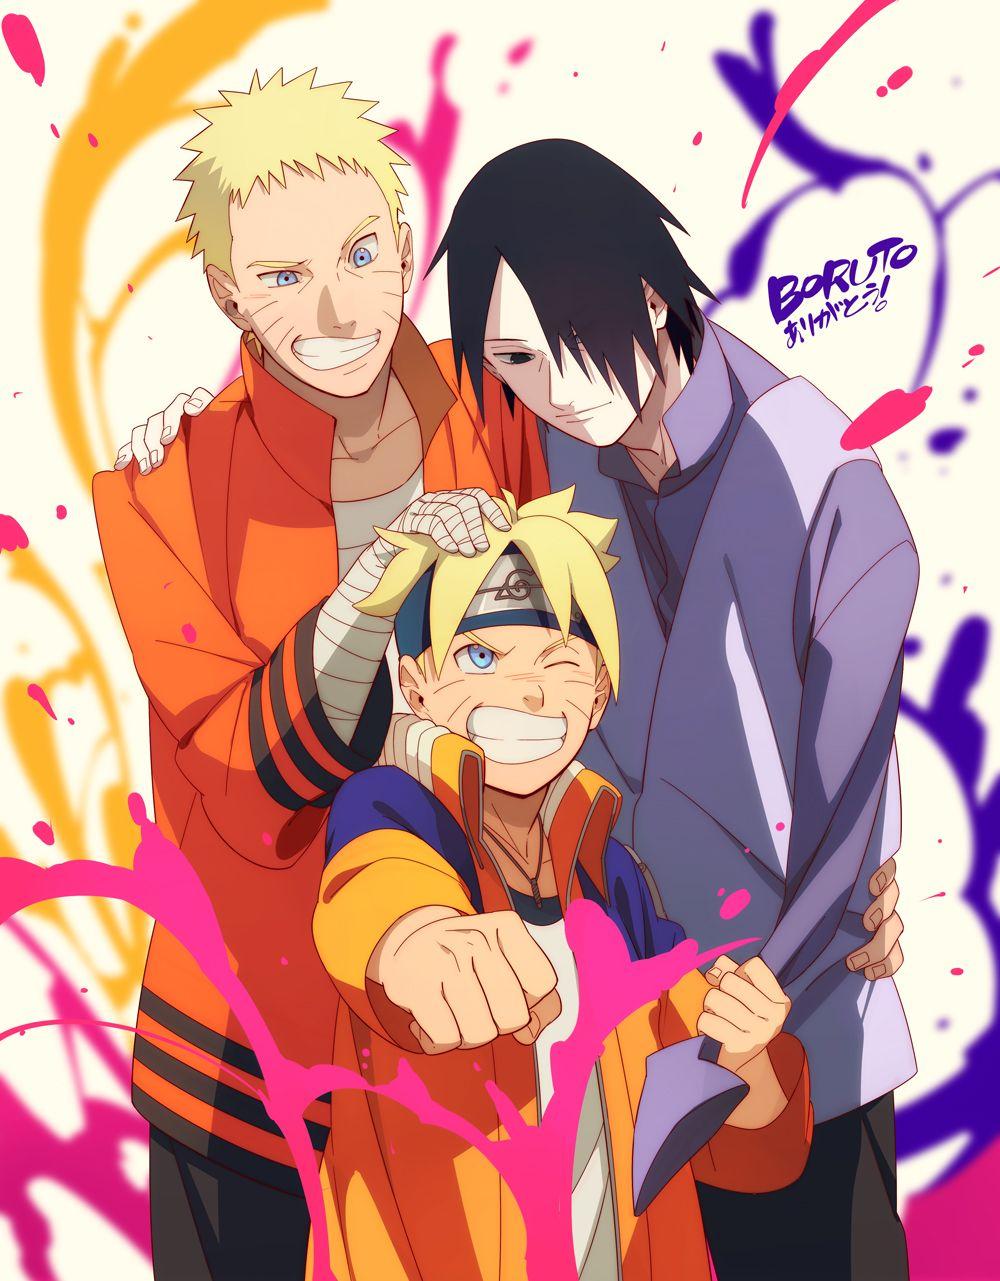 Black boy with blonde hair tags fanart naruto uzumaki naruto uchiha sasuke pixiv min tosu